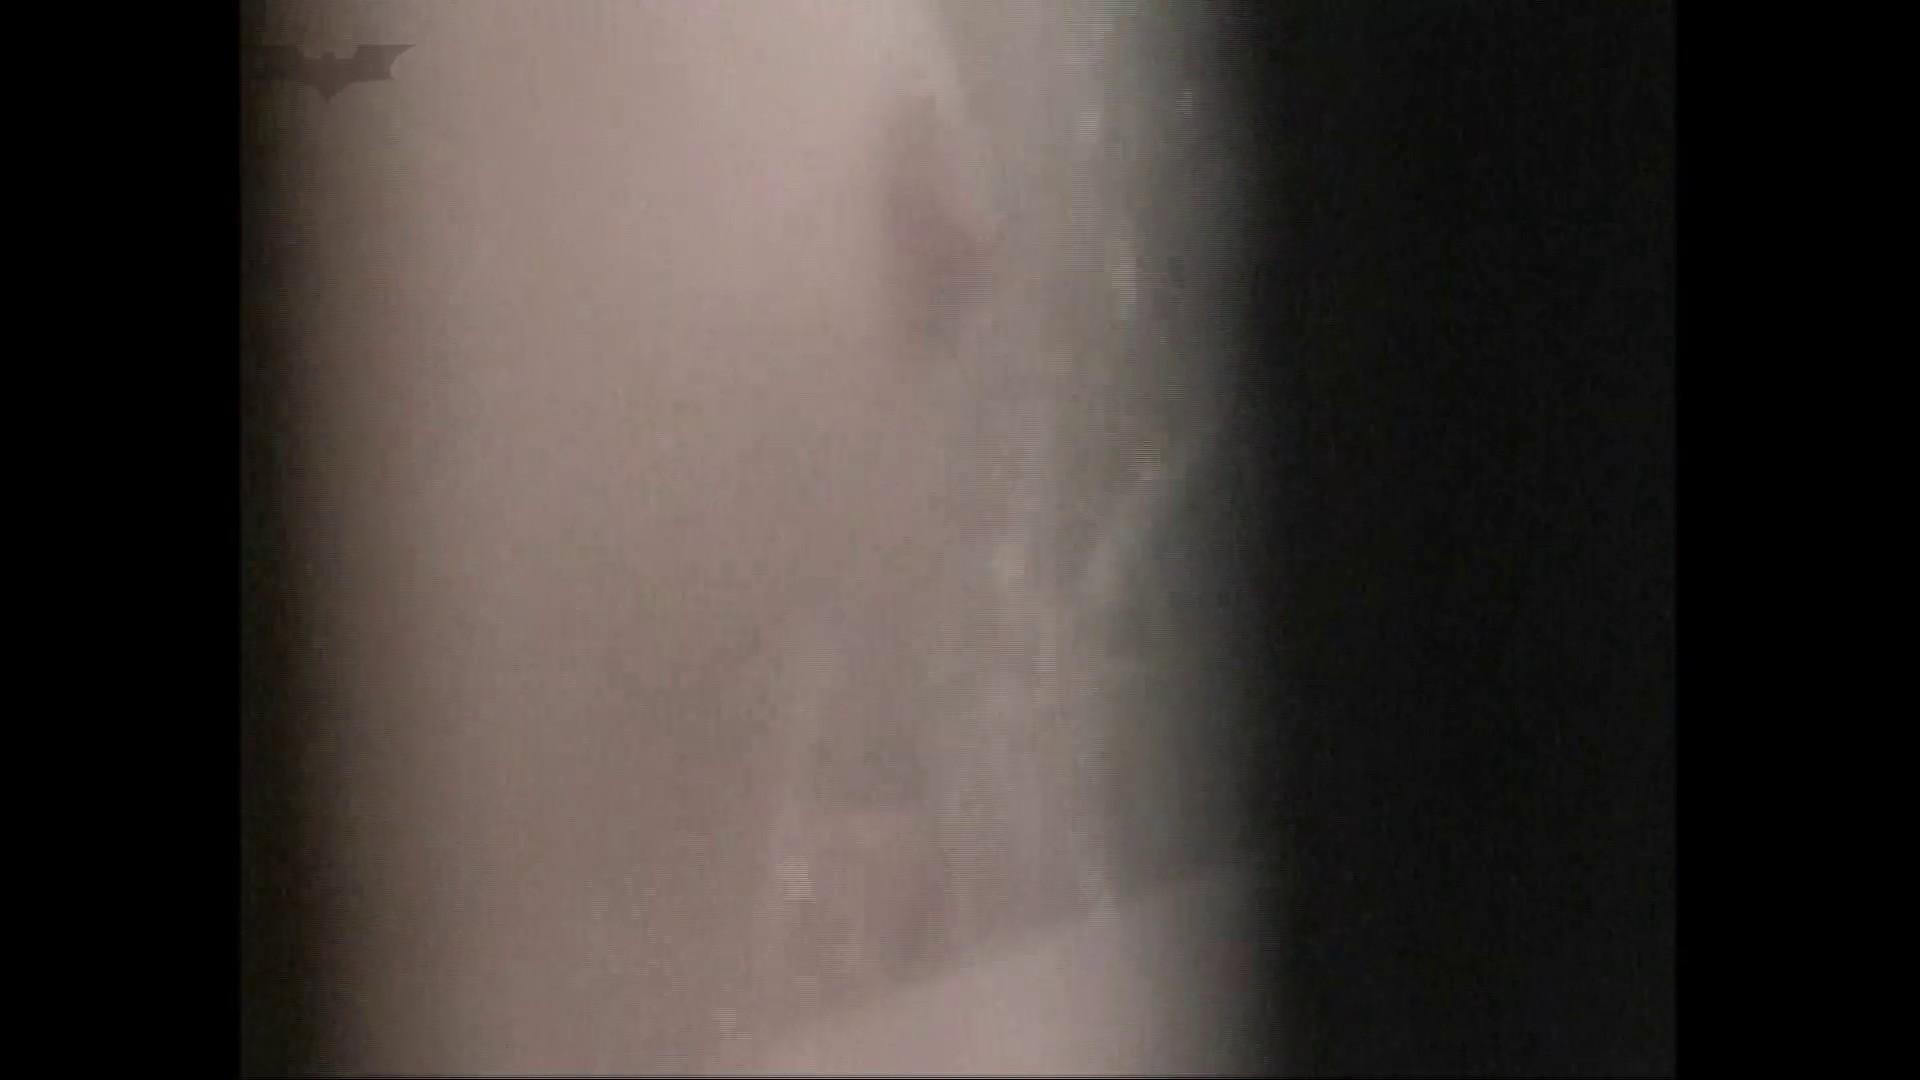 隙間からノゾク風呂 Vol.28 色白のロングヘアー美人がワシャワシャと。 美人  104pic 90